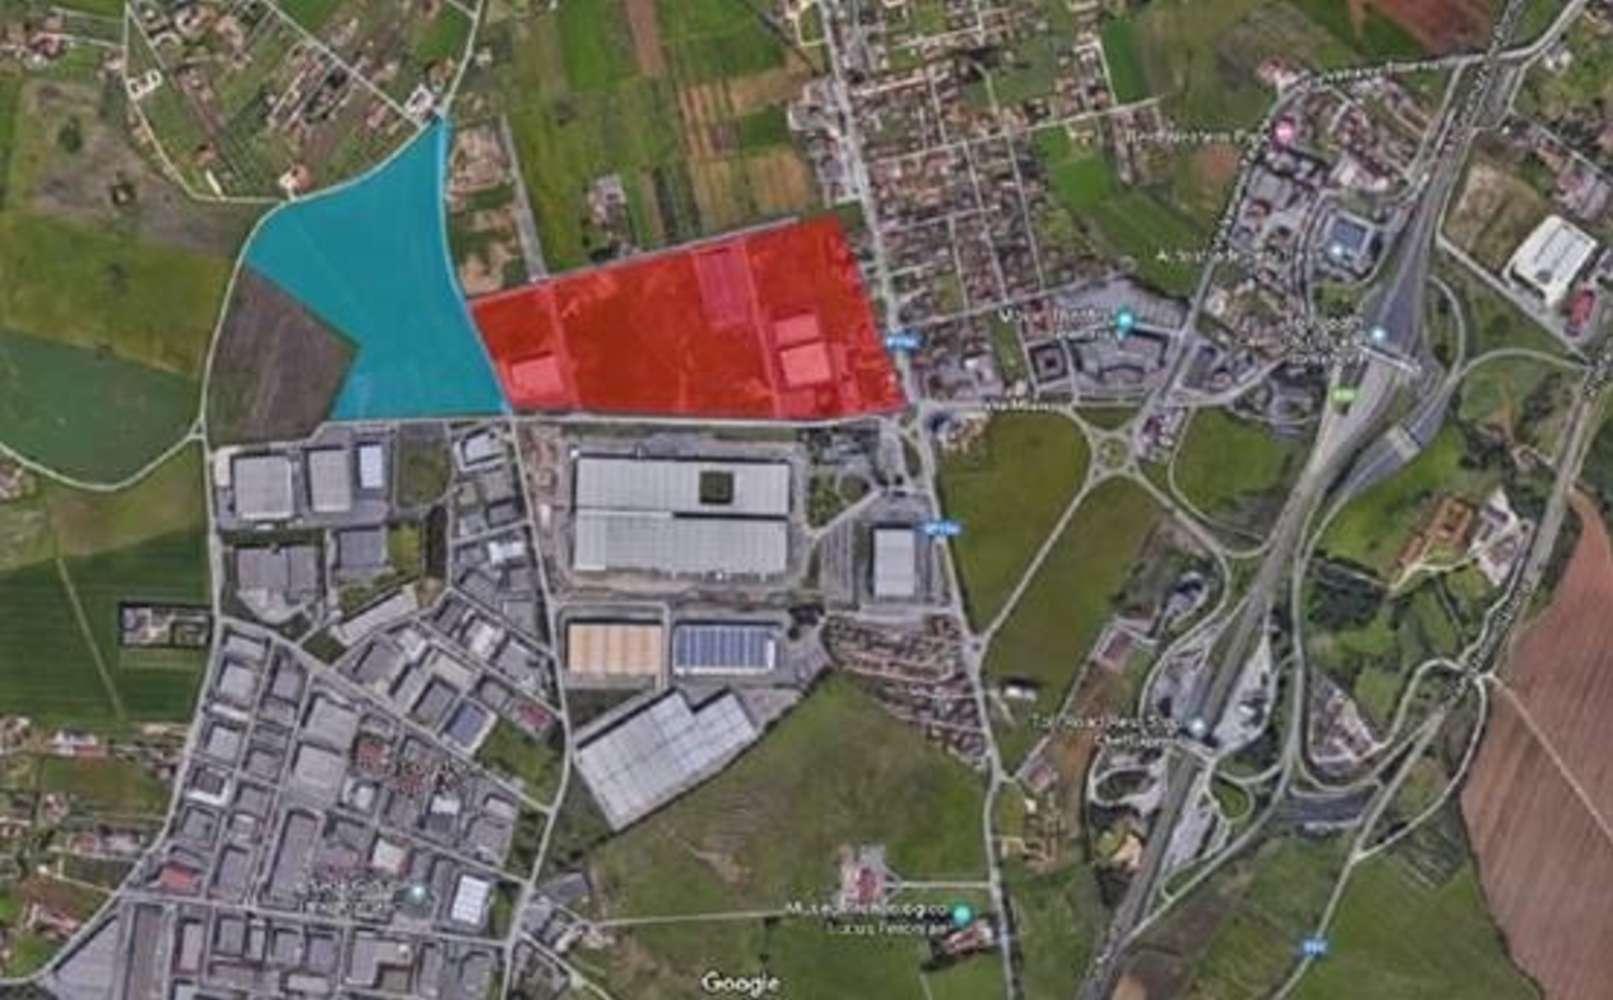 Magazzini industriali e logistici Fiano romano, 00065 - Fiano Romano Area di Sviluppo Industriale e Logistico